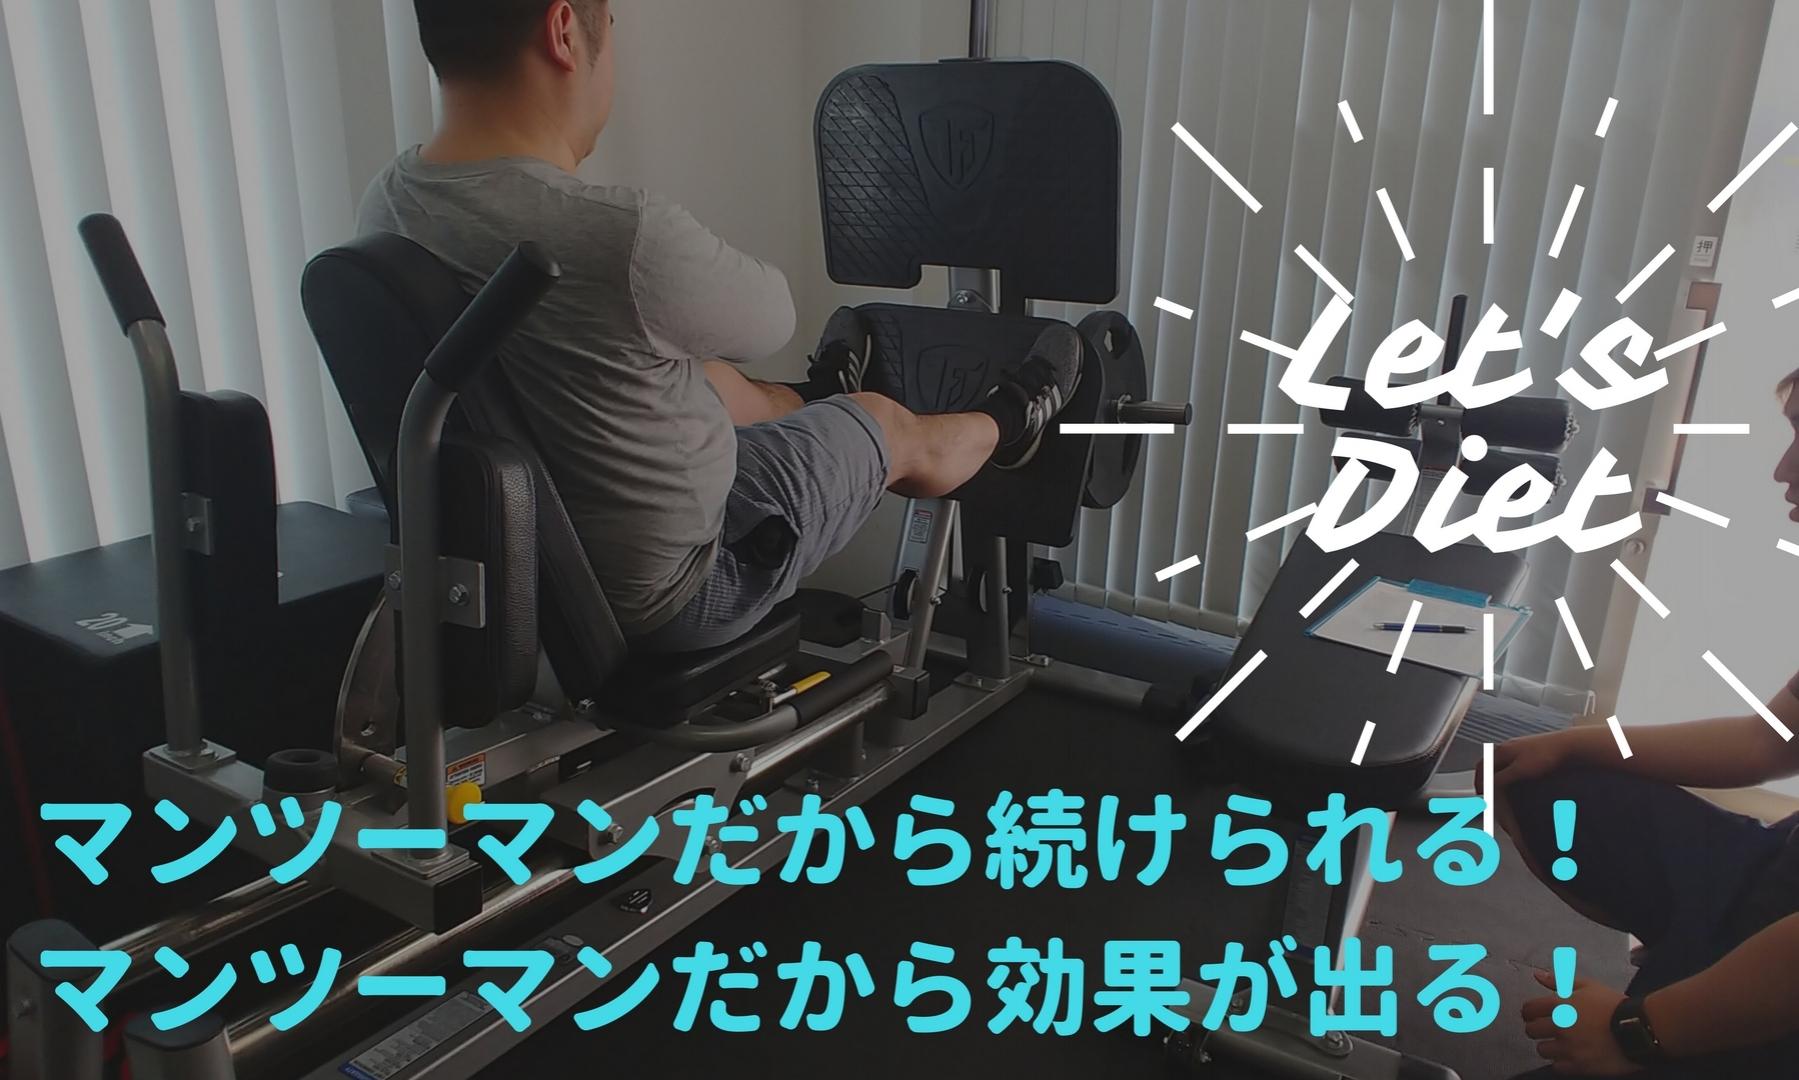 健康的に痩せるならパーソナルトレーニングがベスト!